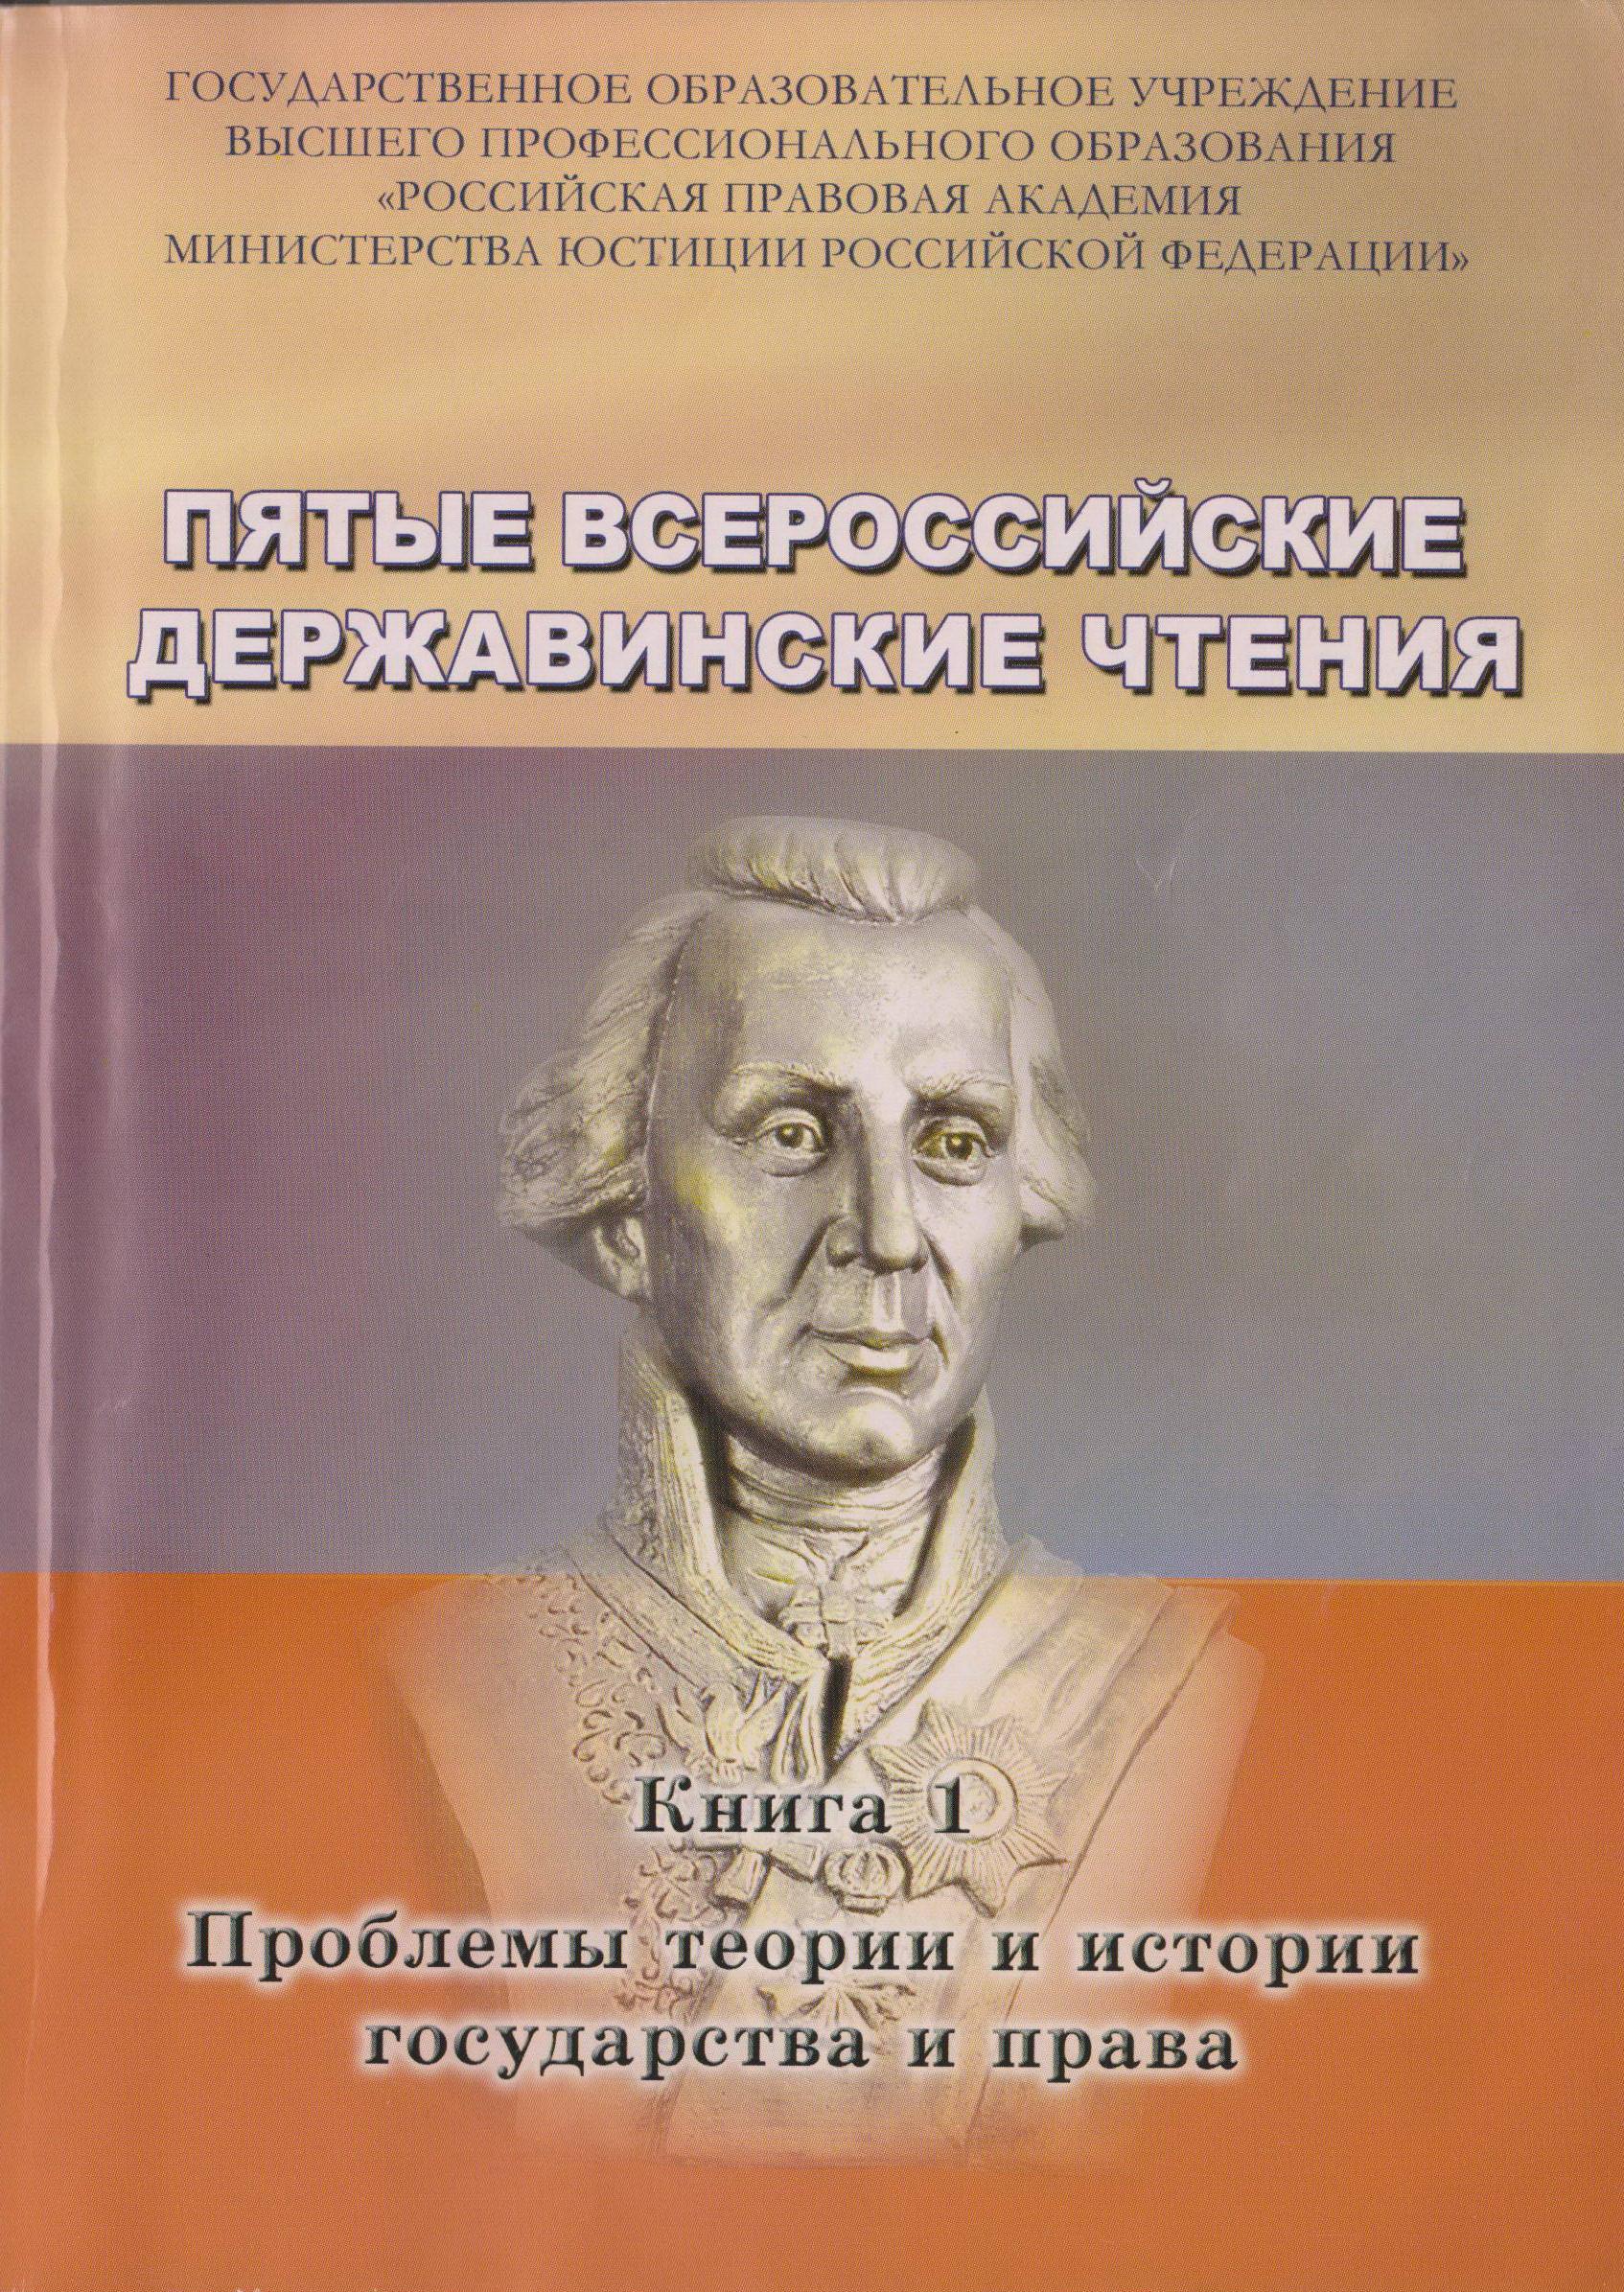 Пятые Всероссийские Державинские чтения (Москва, 15 декабря 2009 года). В 7 книгах